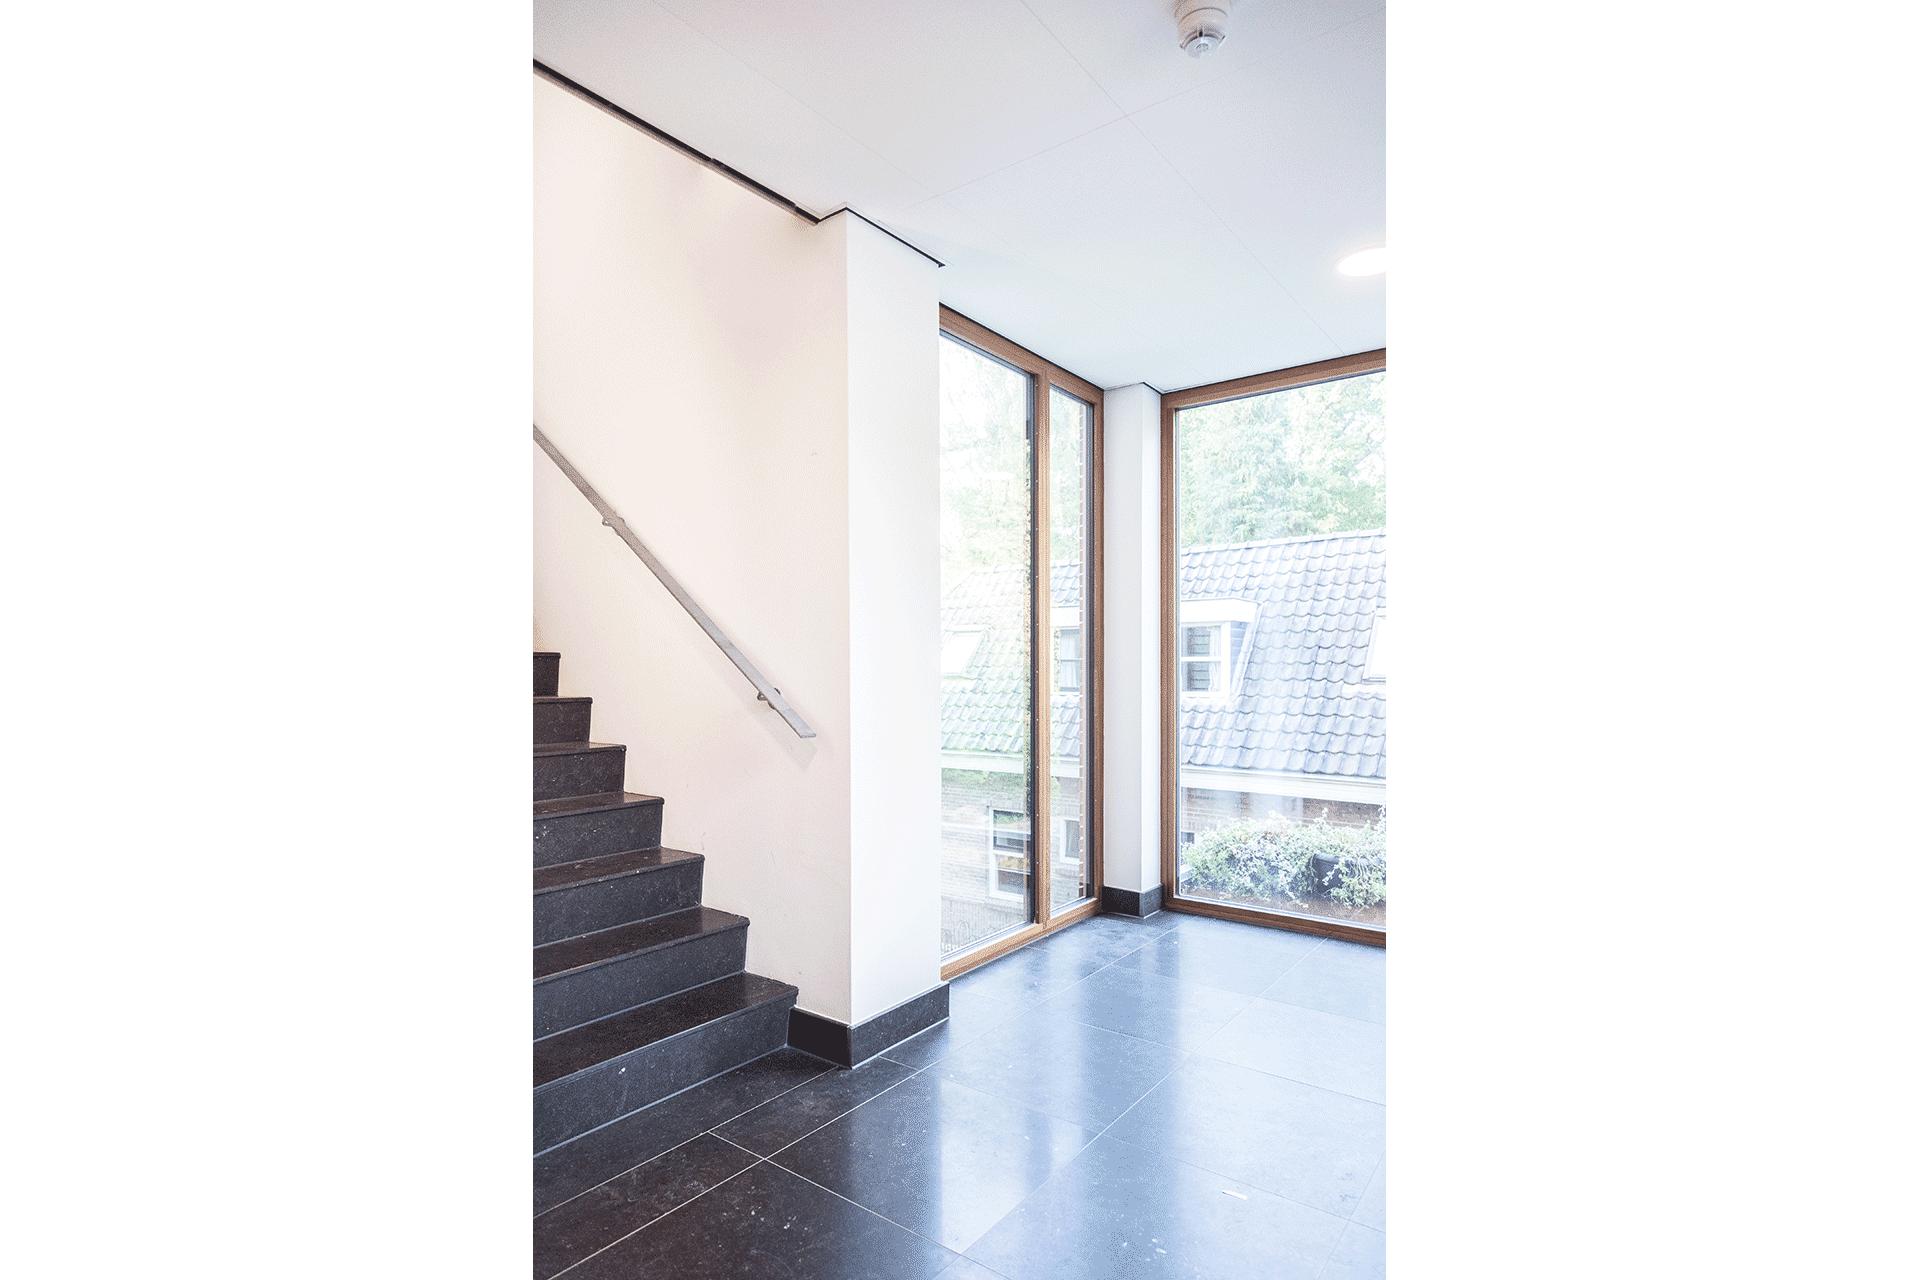 hotel lobby hoteldesign natuursteen uitzicht licht duurzaam passief huis